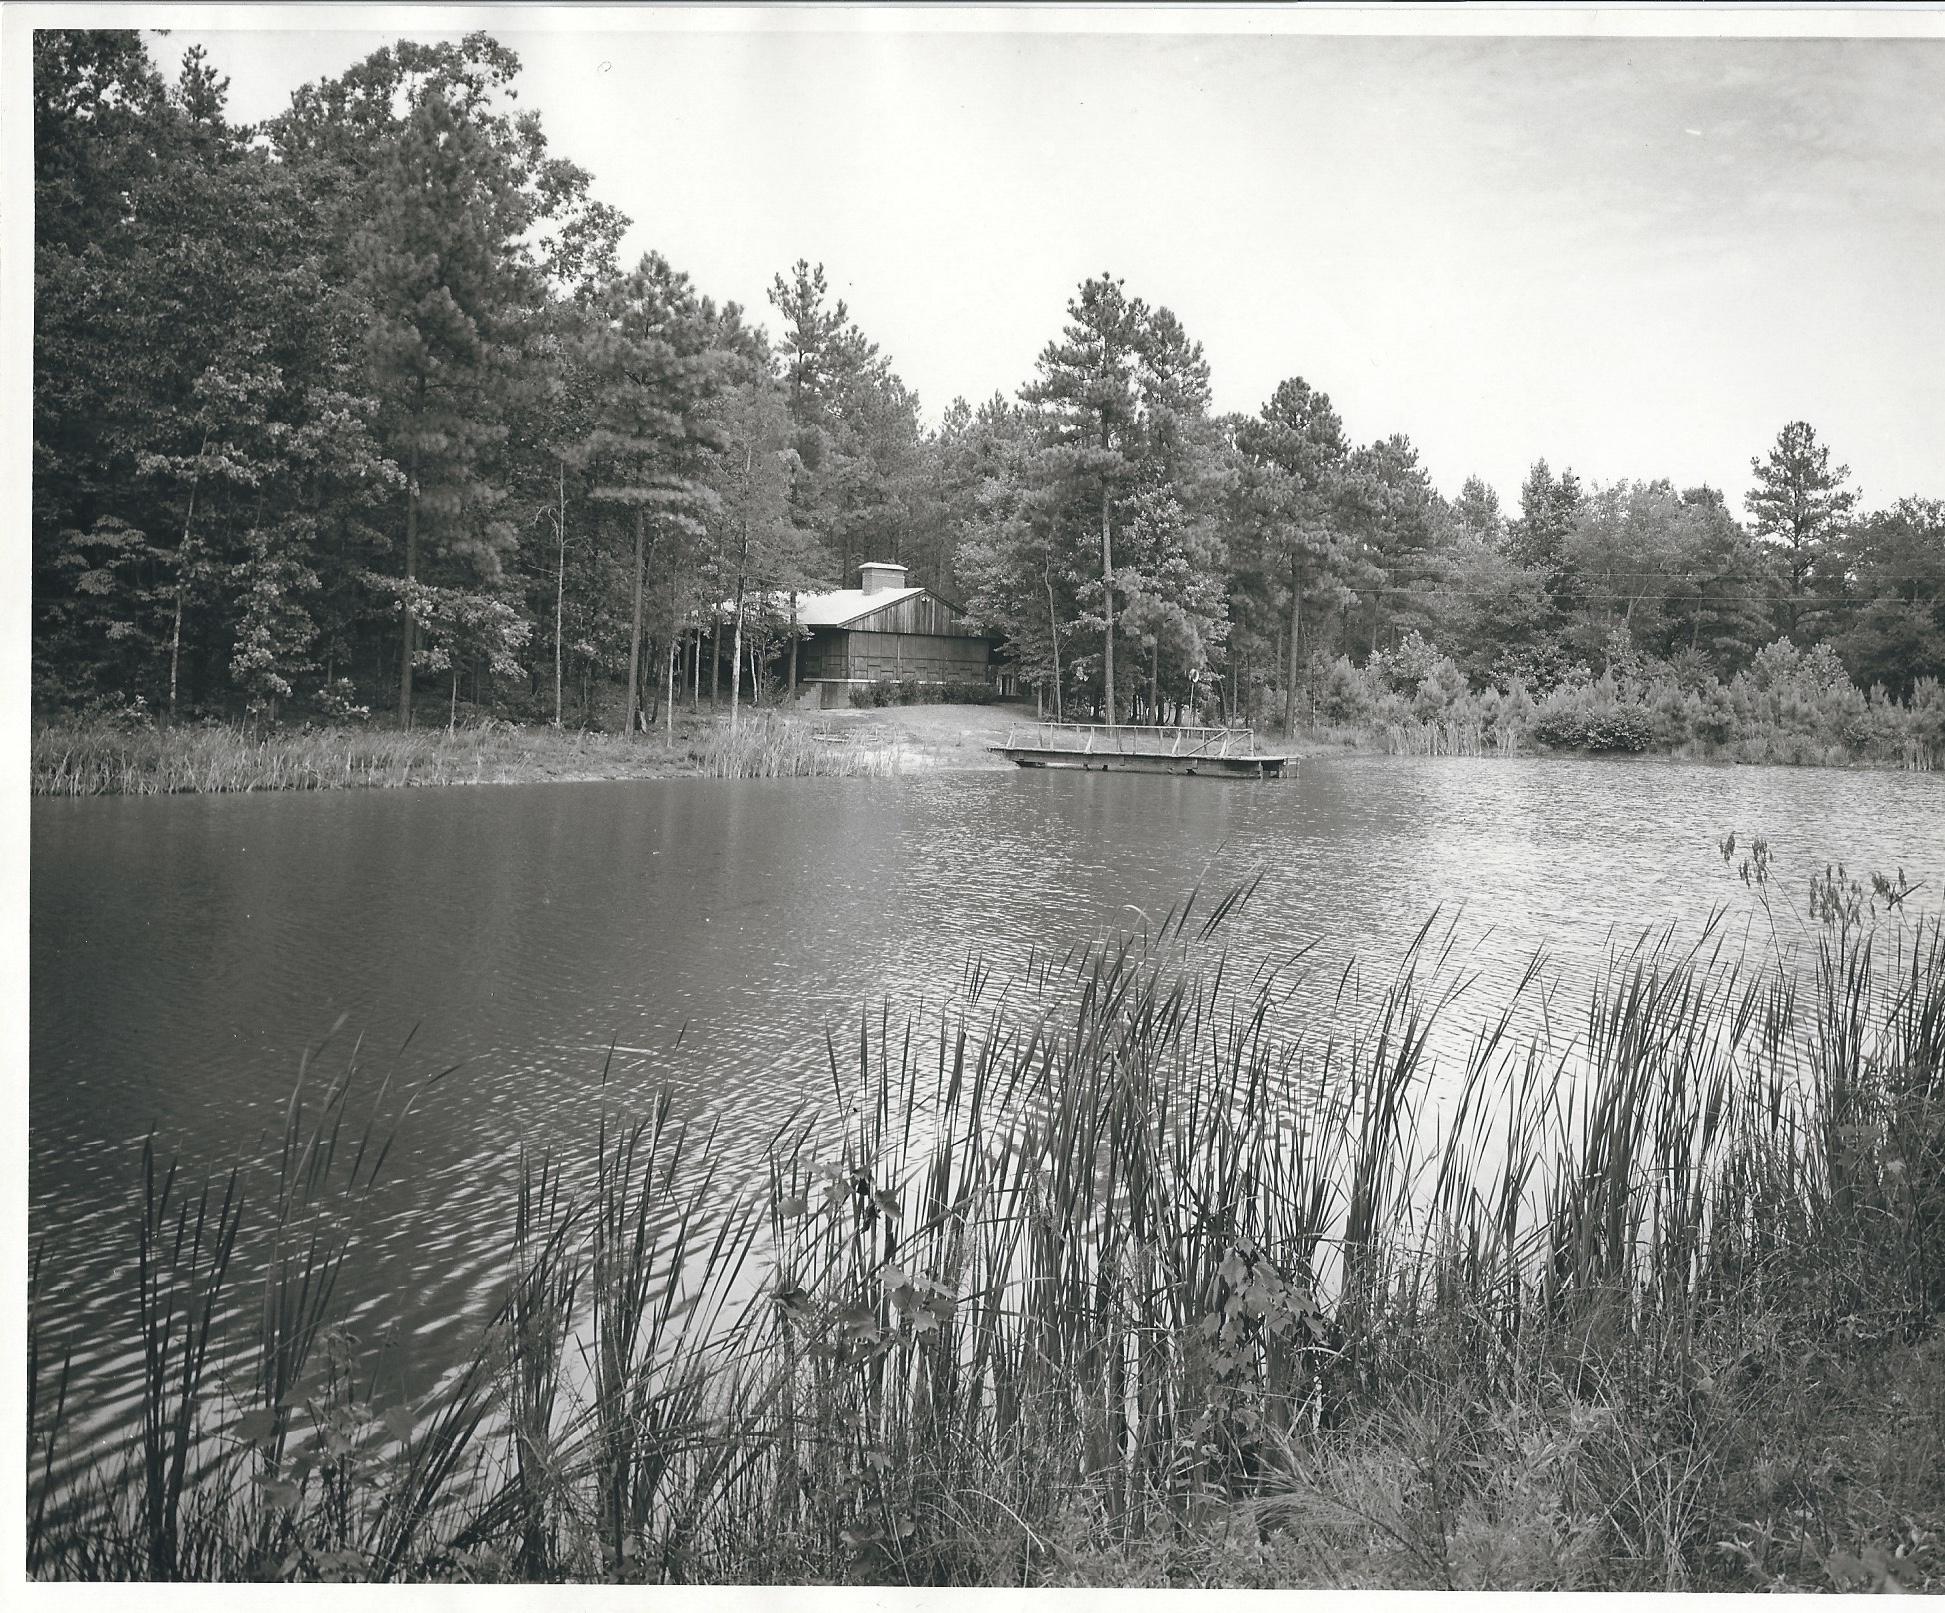 James Family Lakehouse, circa 1960